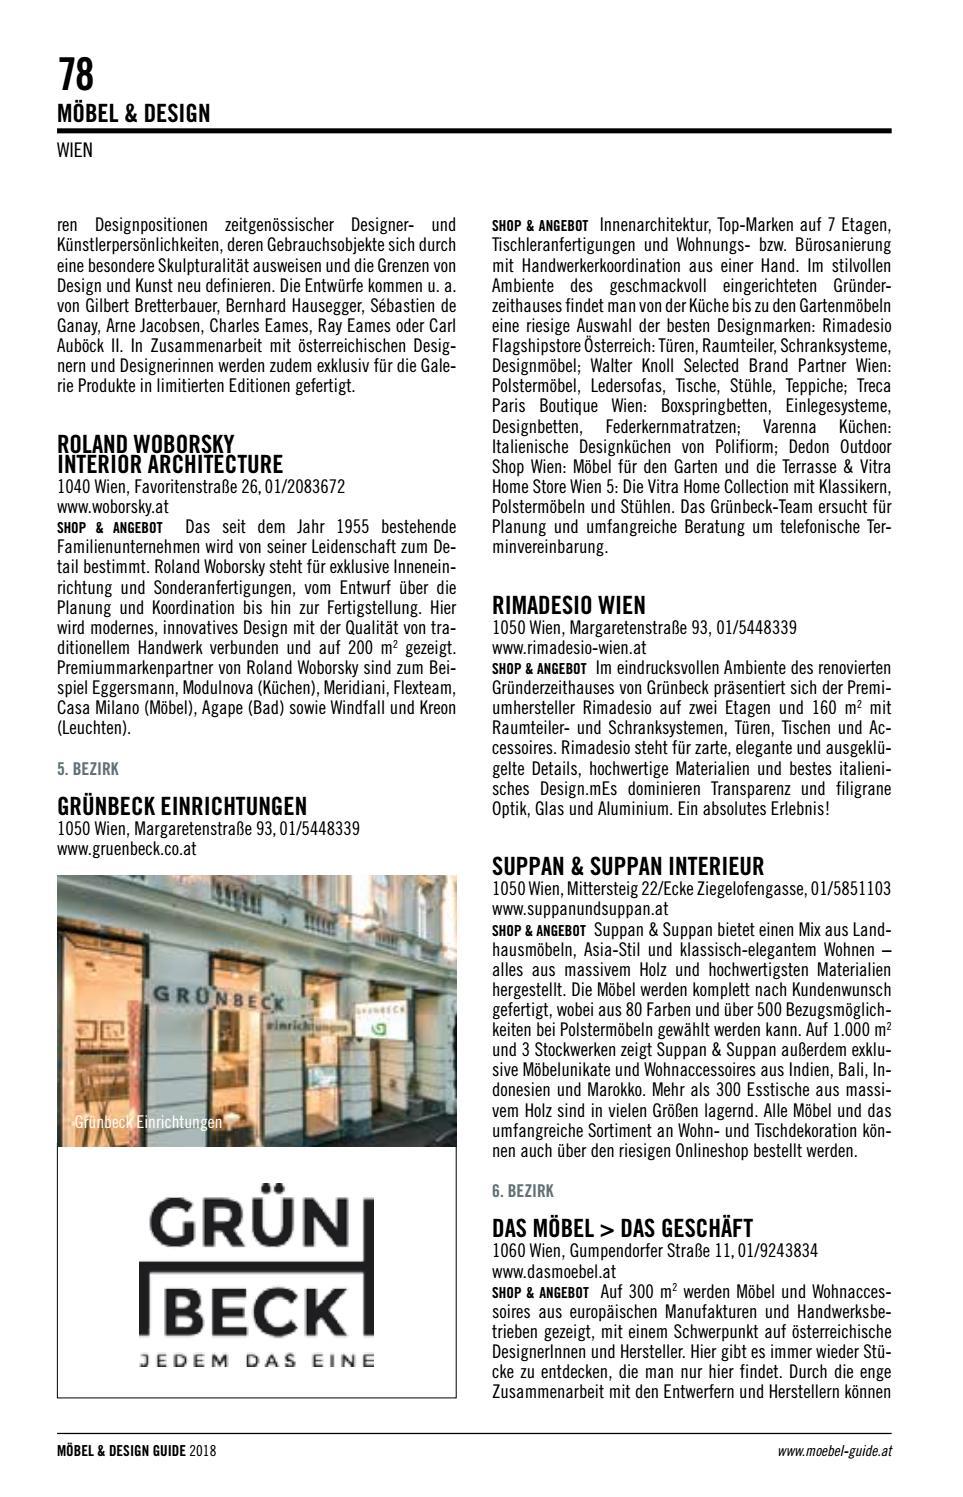 möbel & design guide 2018 | vebuka